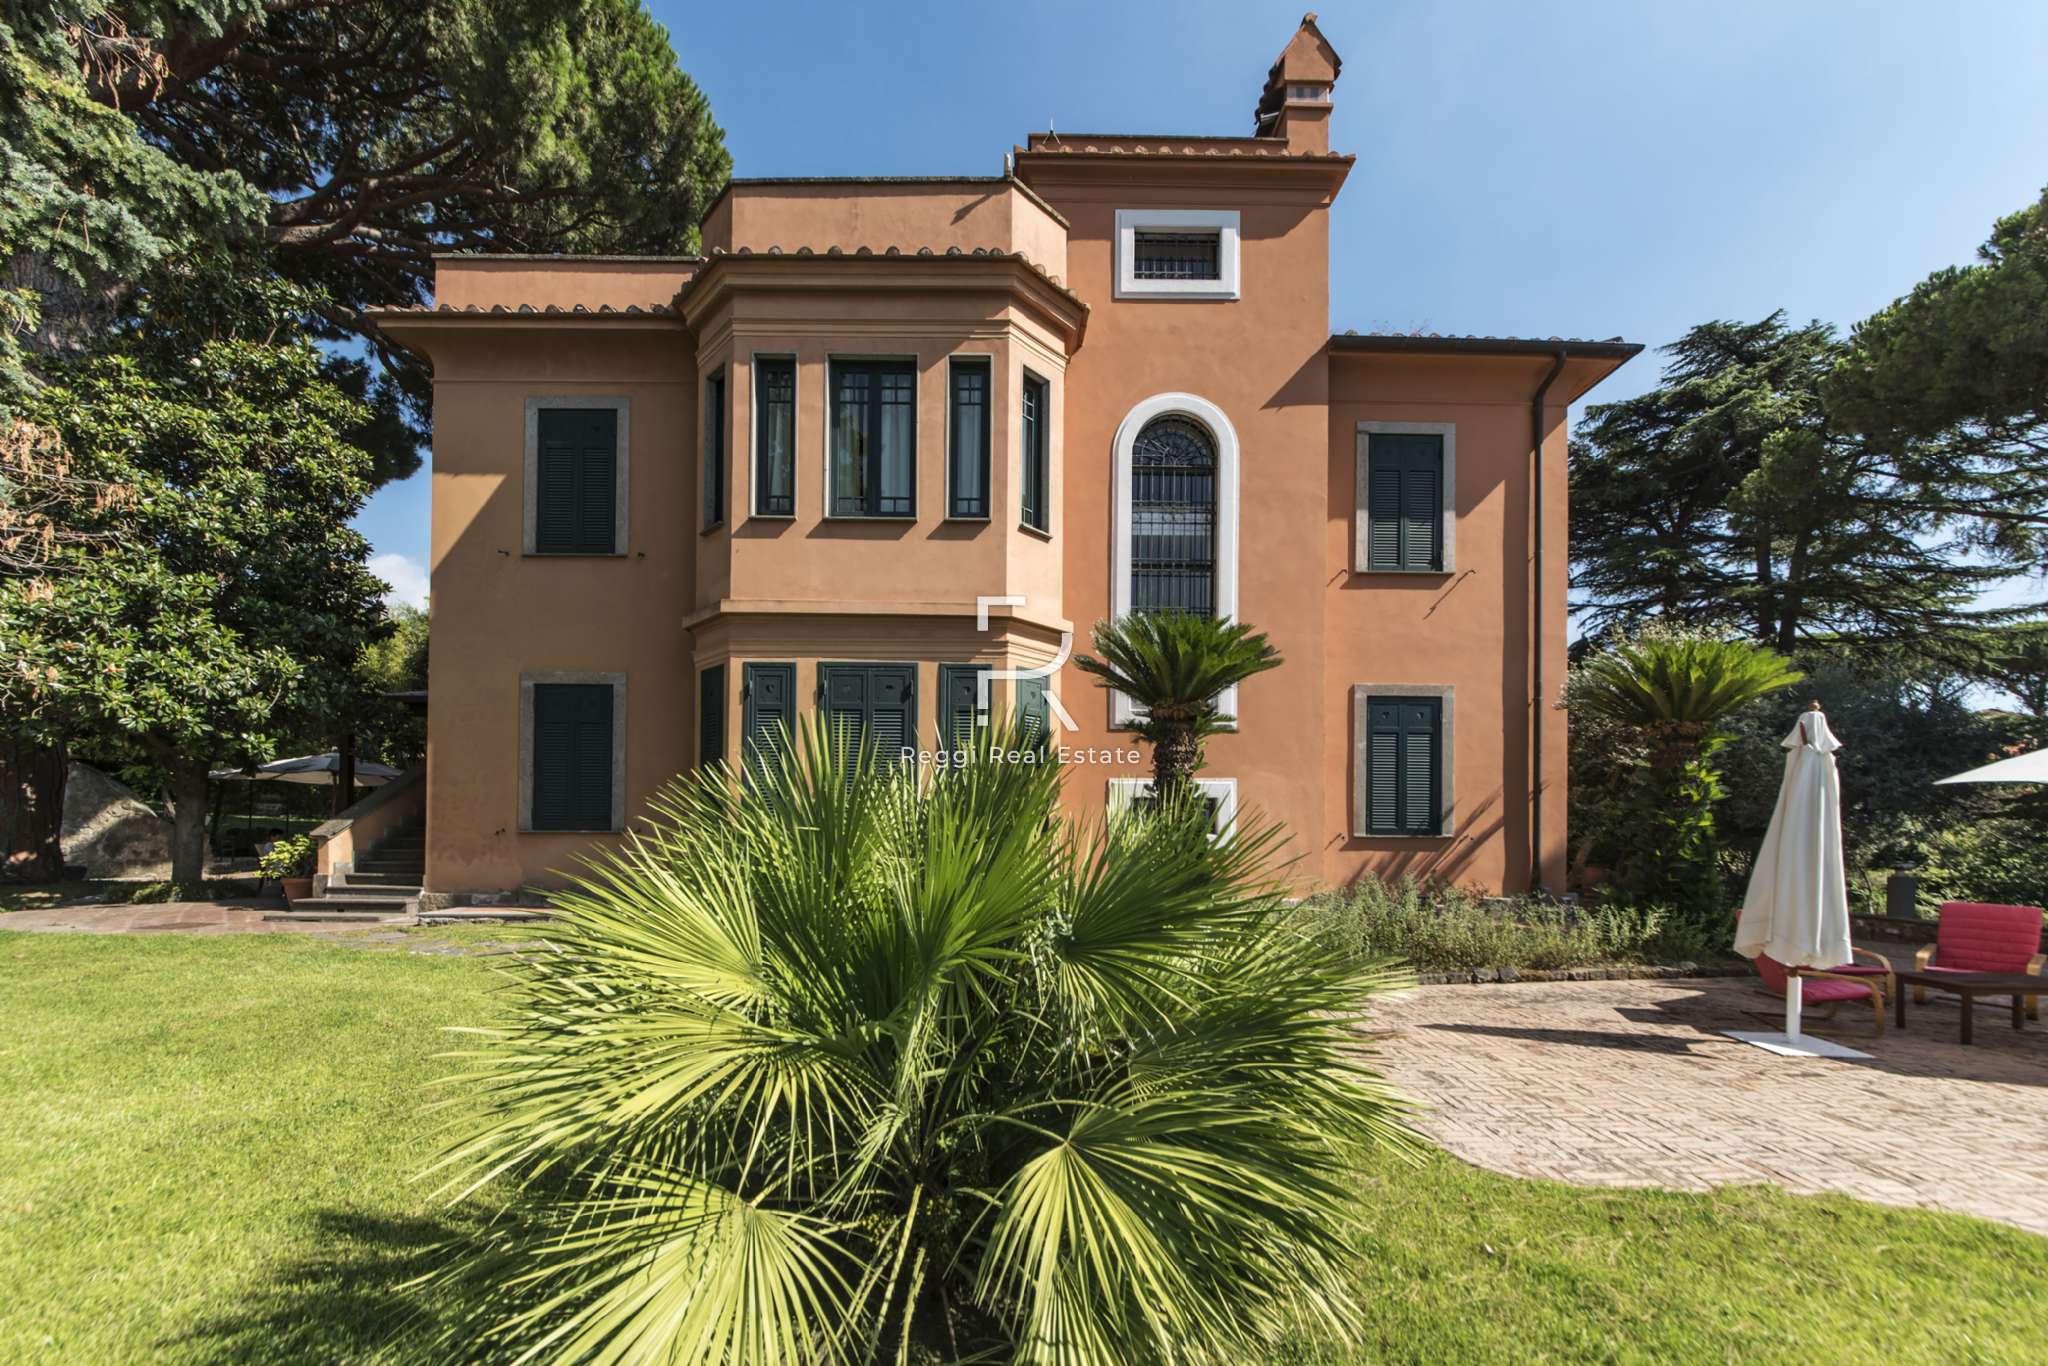 Villa in Vendita a Grottaferrata: 5 locali, 776 mq